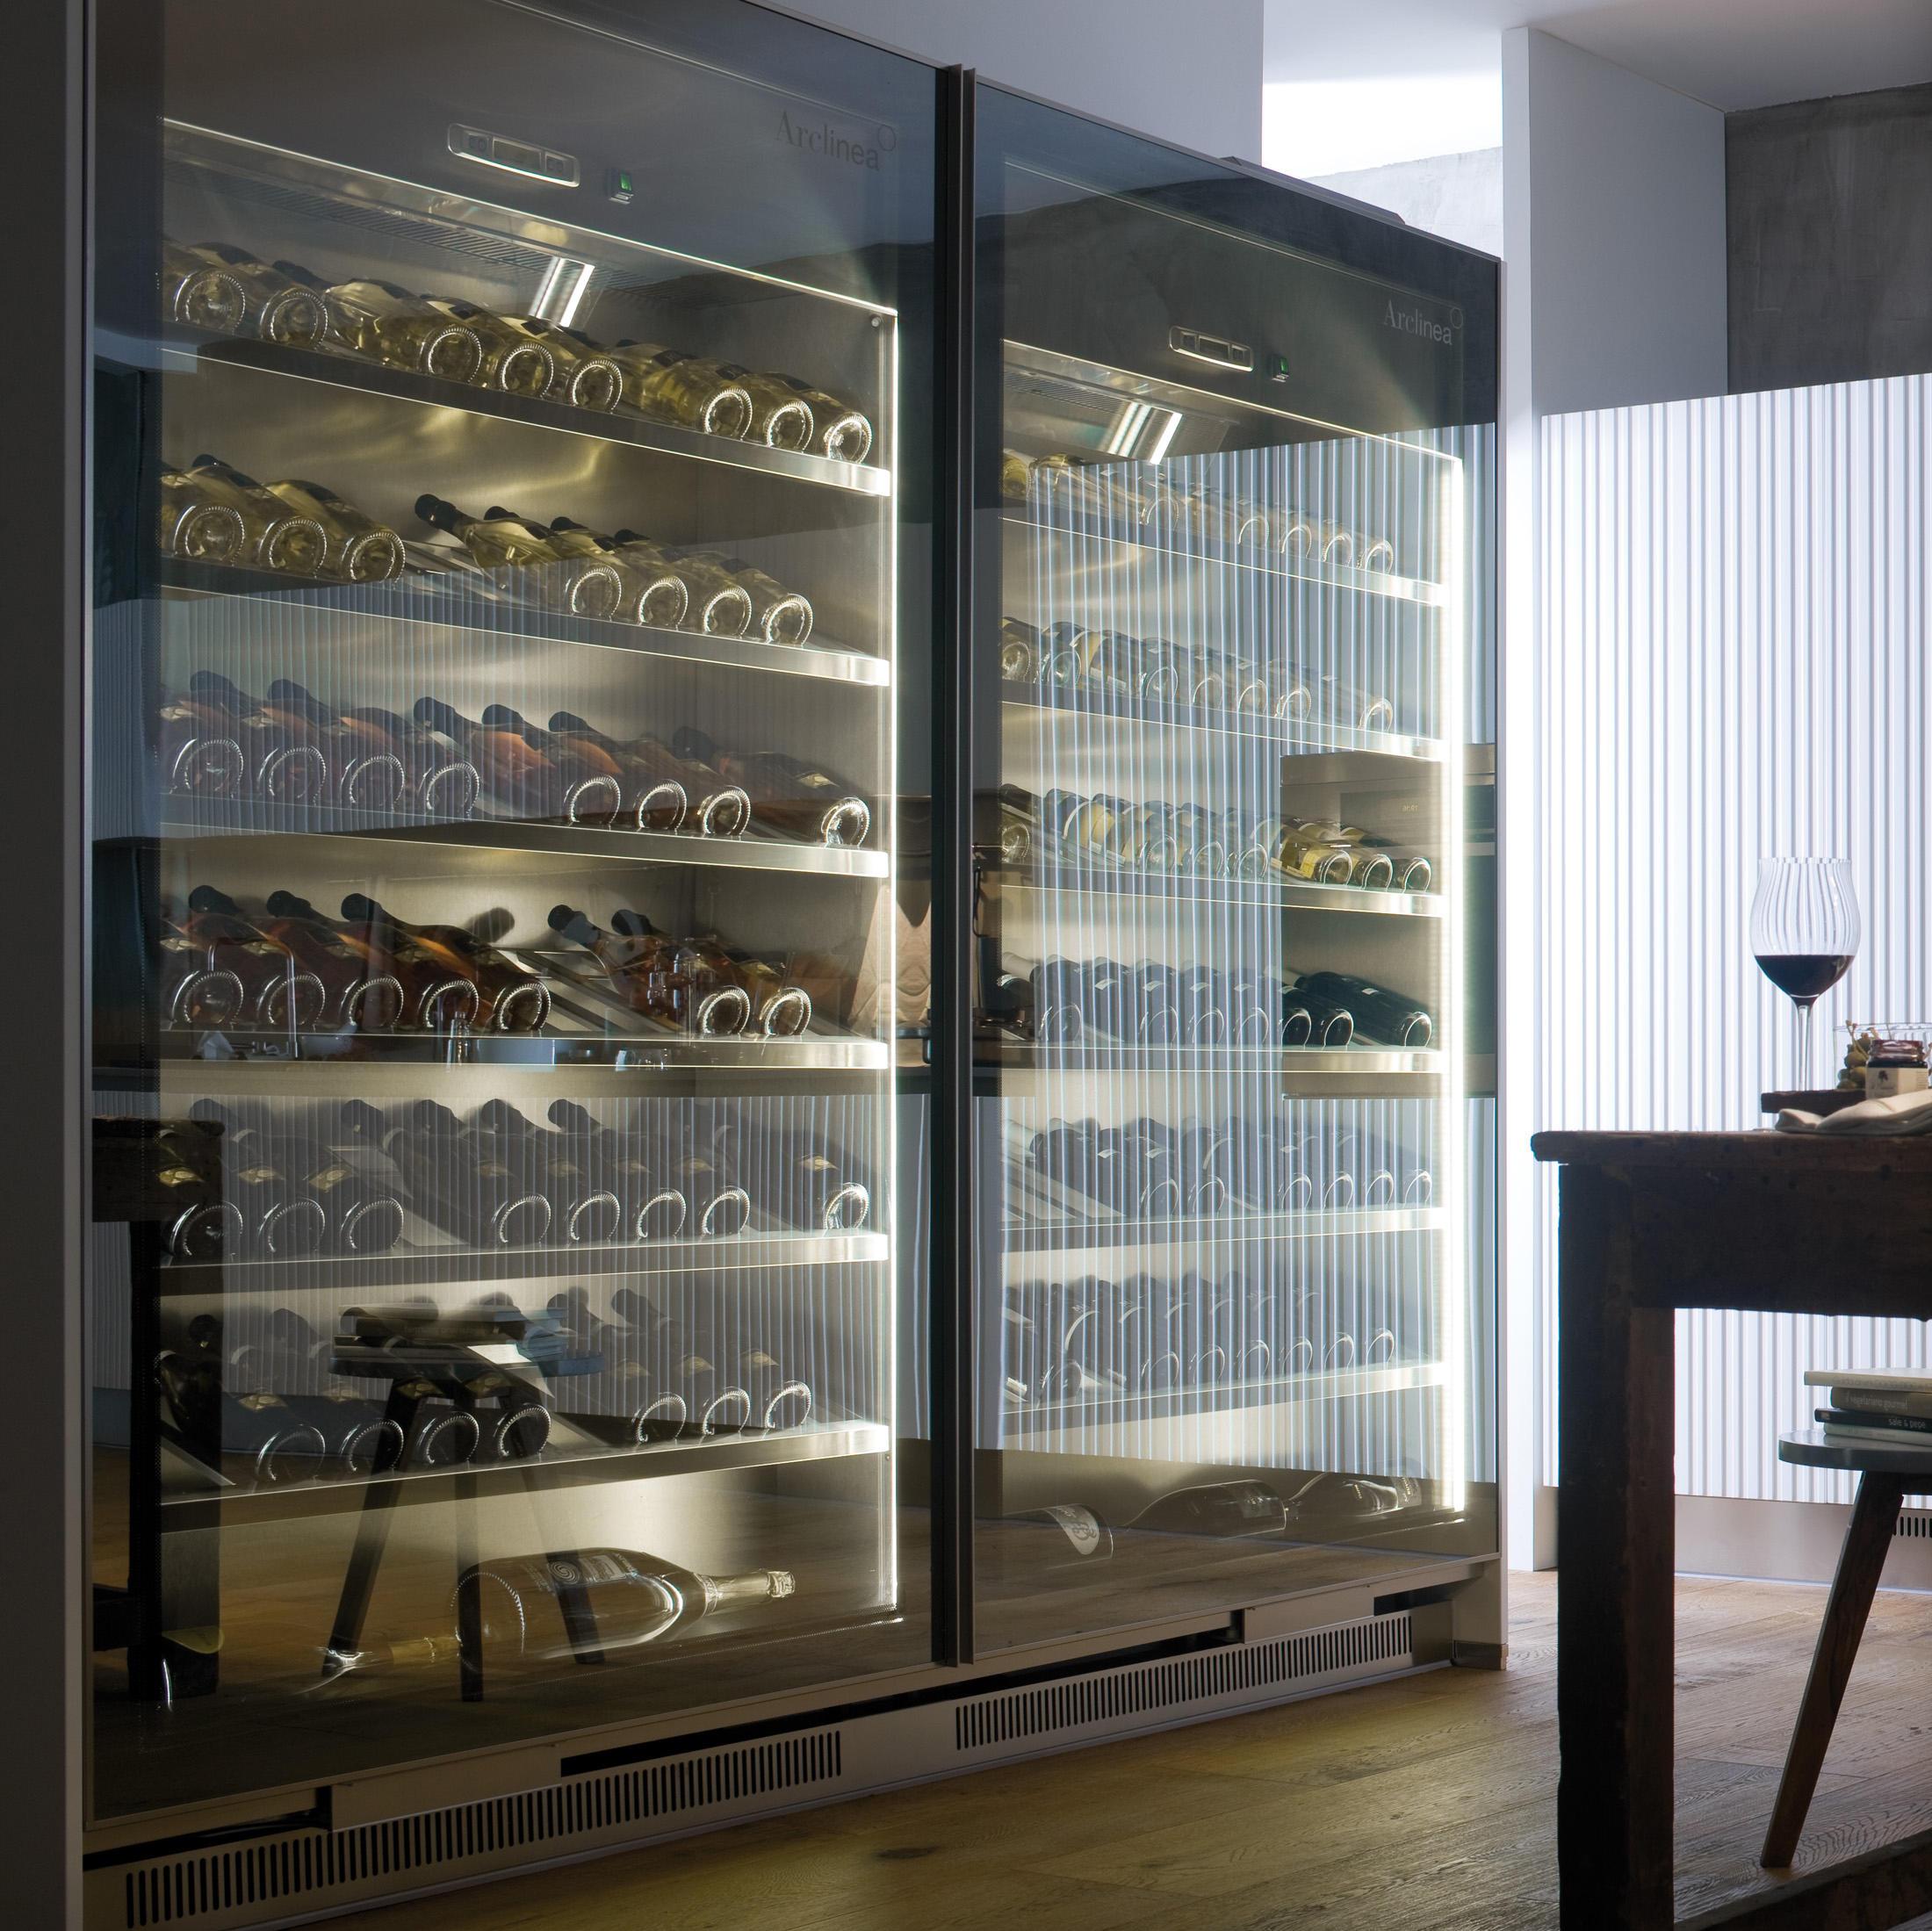 Weinkühlschränke  WEINKÜHLSCHRÄNKE - Hochwertige Designer WEINKÜHLSCHRÄNKE | Architonic